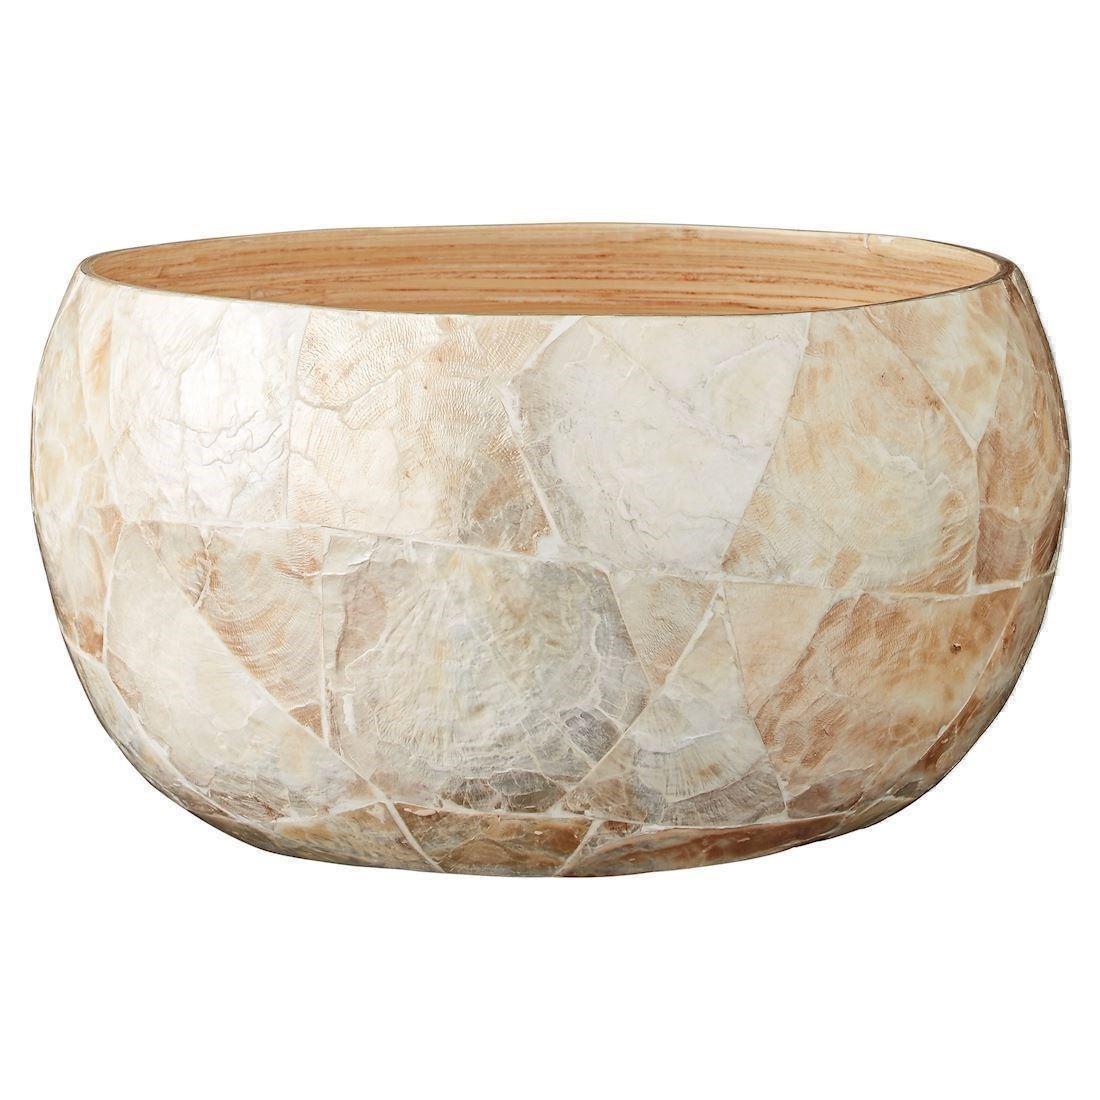 Image of Adina skål i bambus og østersskaller bowl Ø25cm fra Lene Bjerre